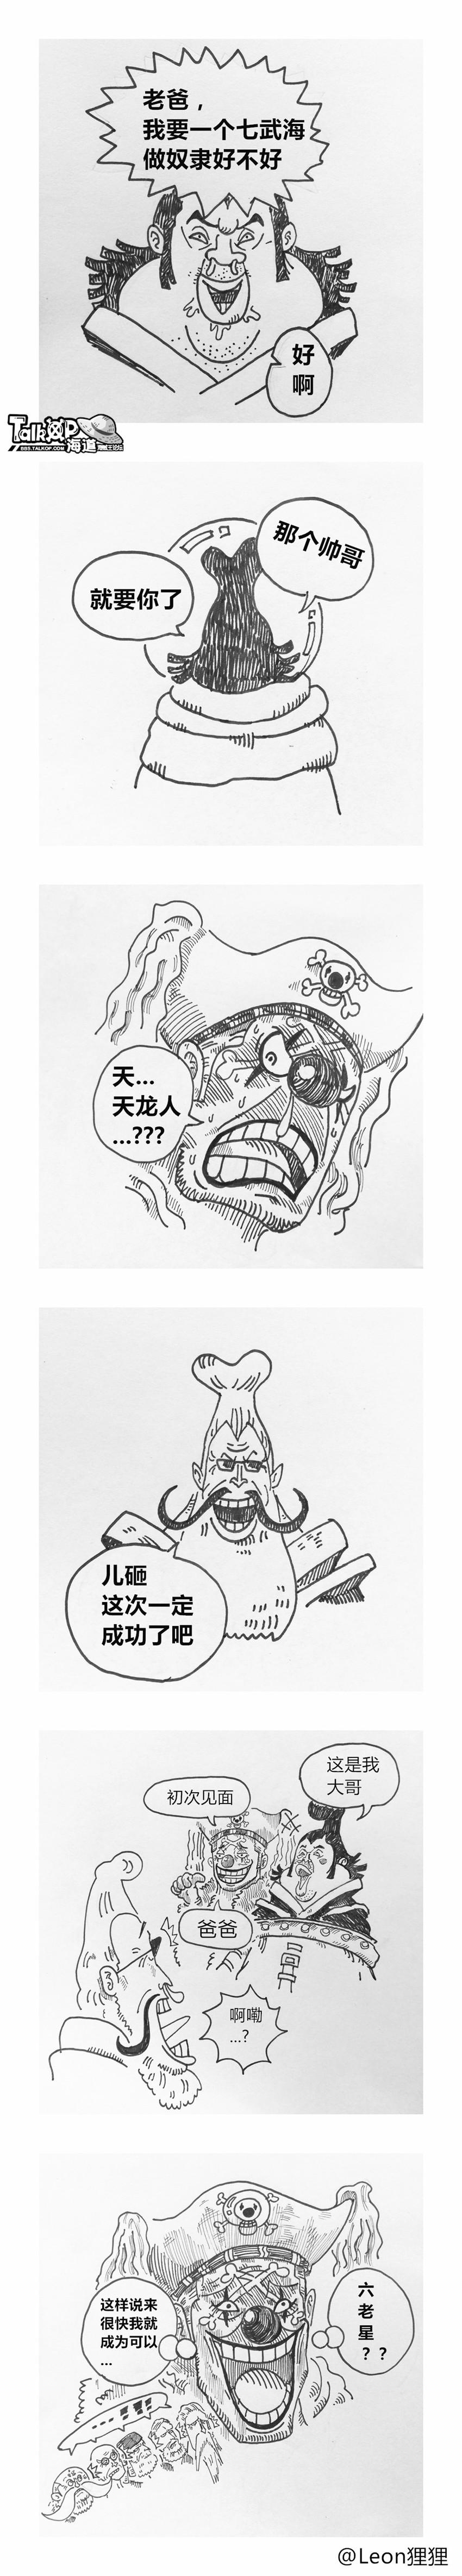 巴基篇_副本.jpg